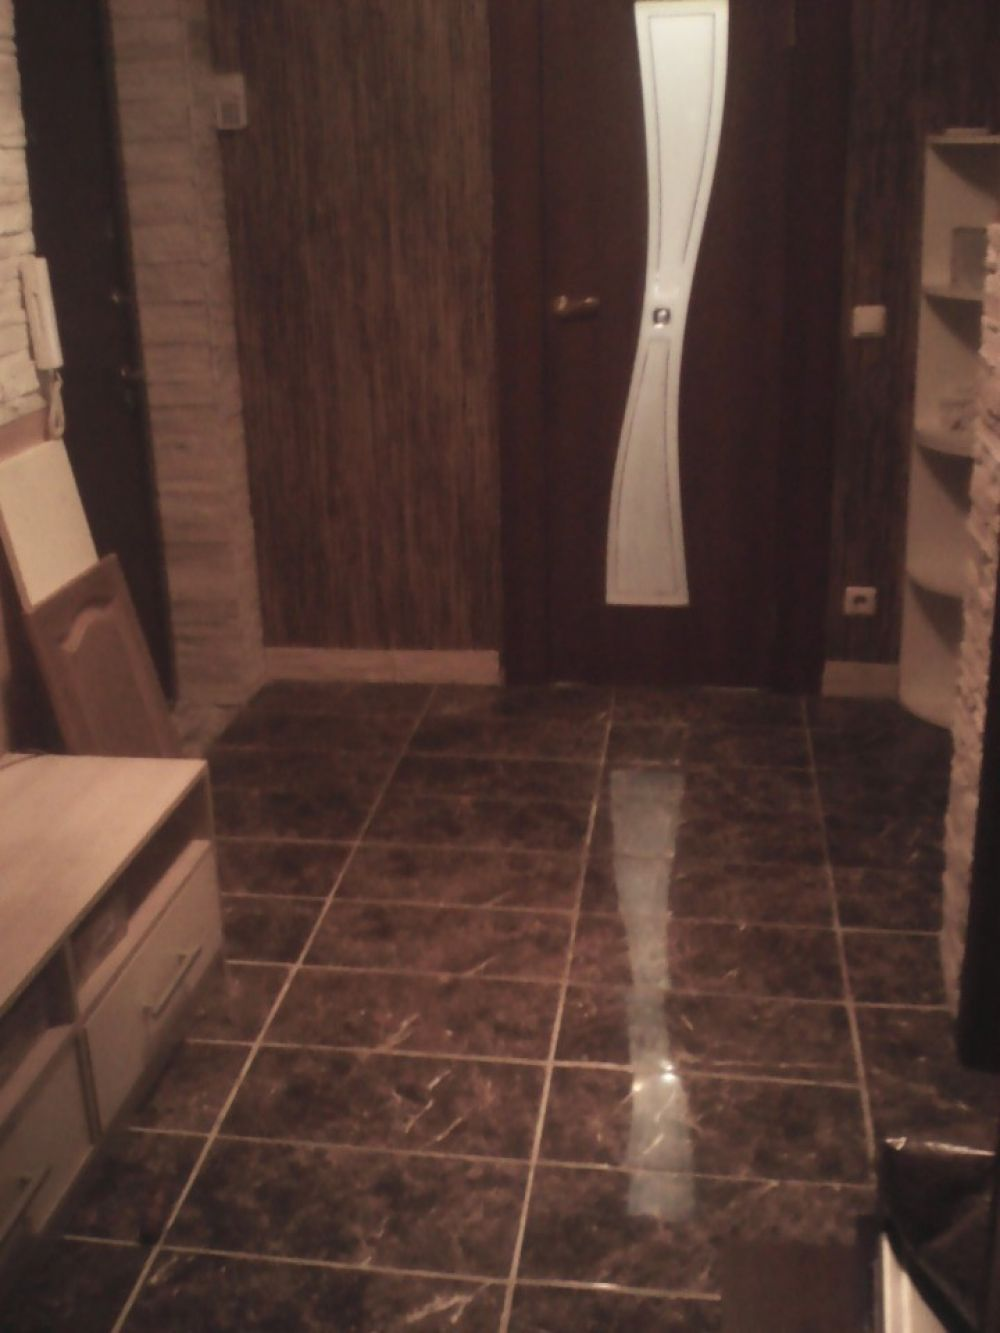 Однокомнатная квартира  37 м2, Богородский мкр дом 7 г. Щелково, фото 10